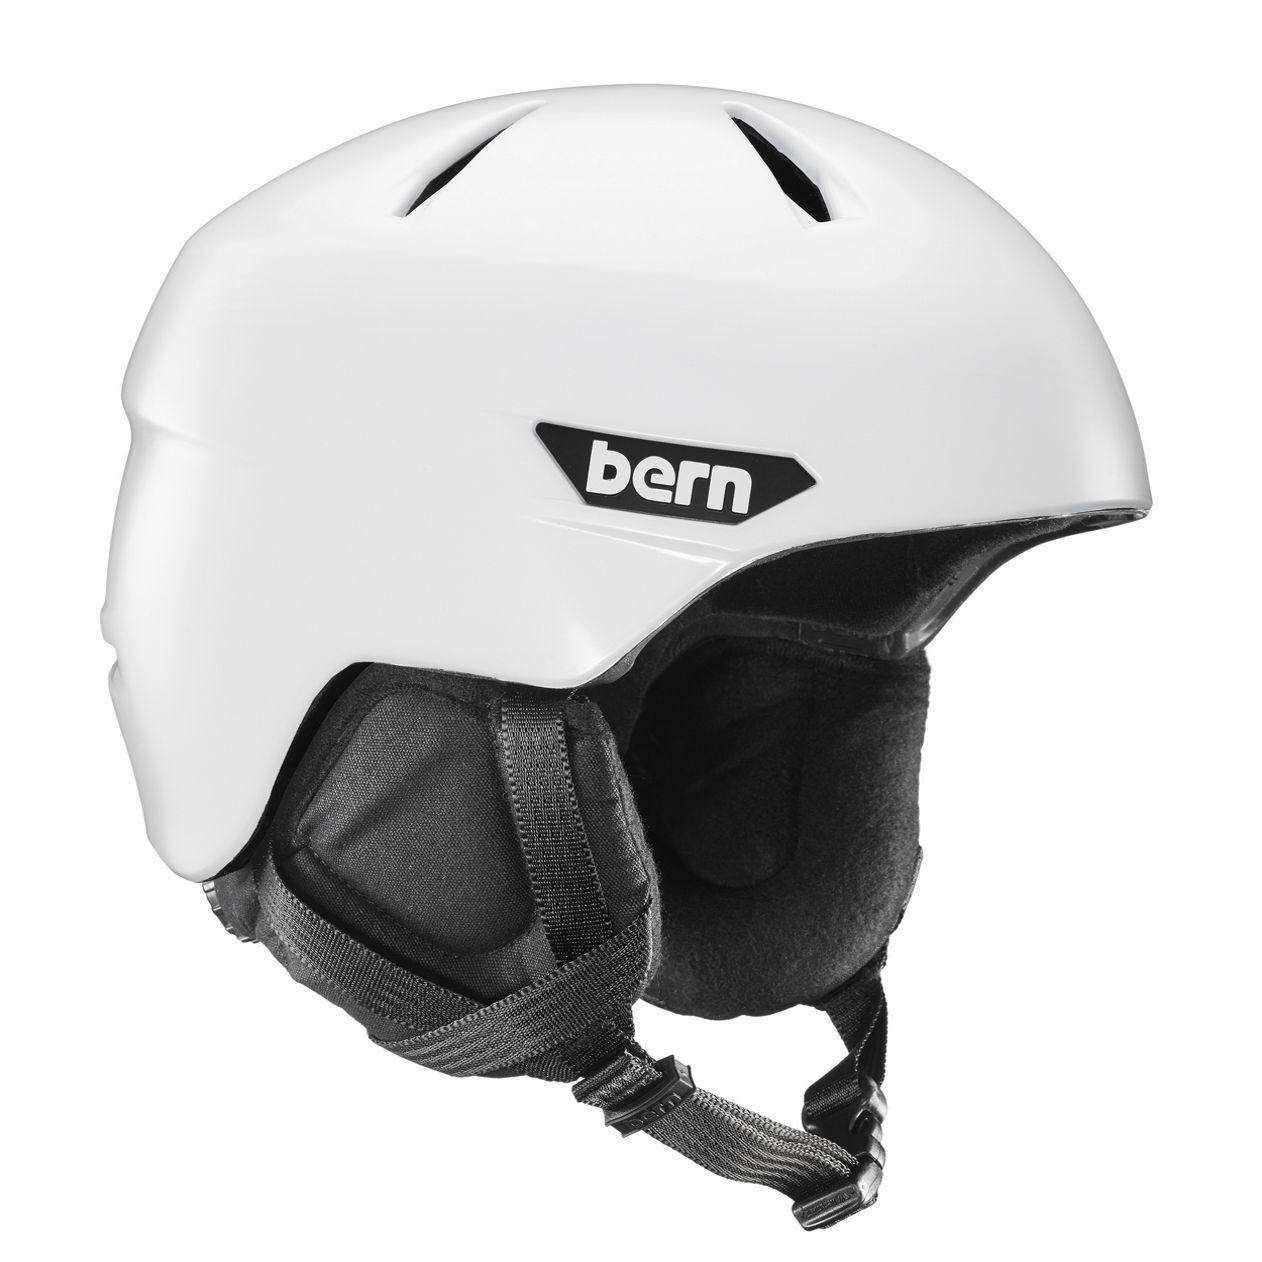 Bern Hombre Weston Nieve Casco Satinado blancoo W   Negro Forro Nuevo con